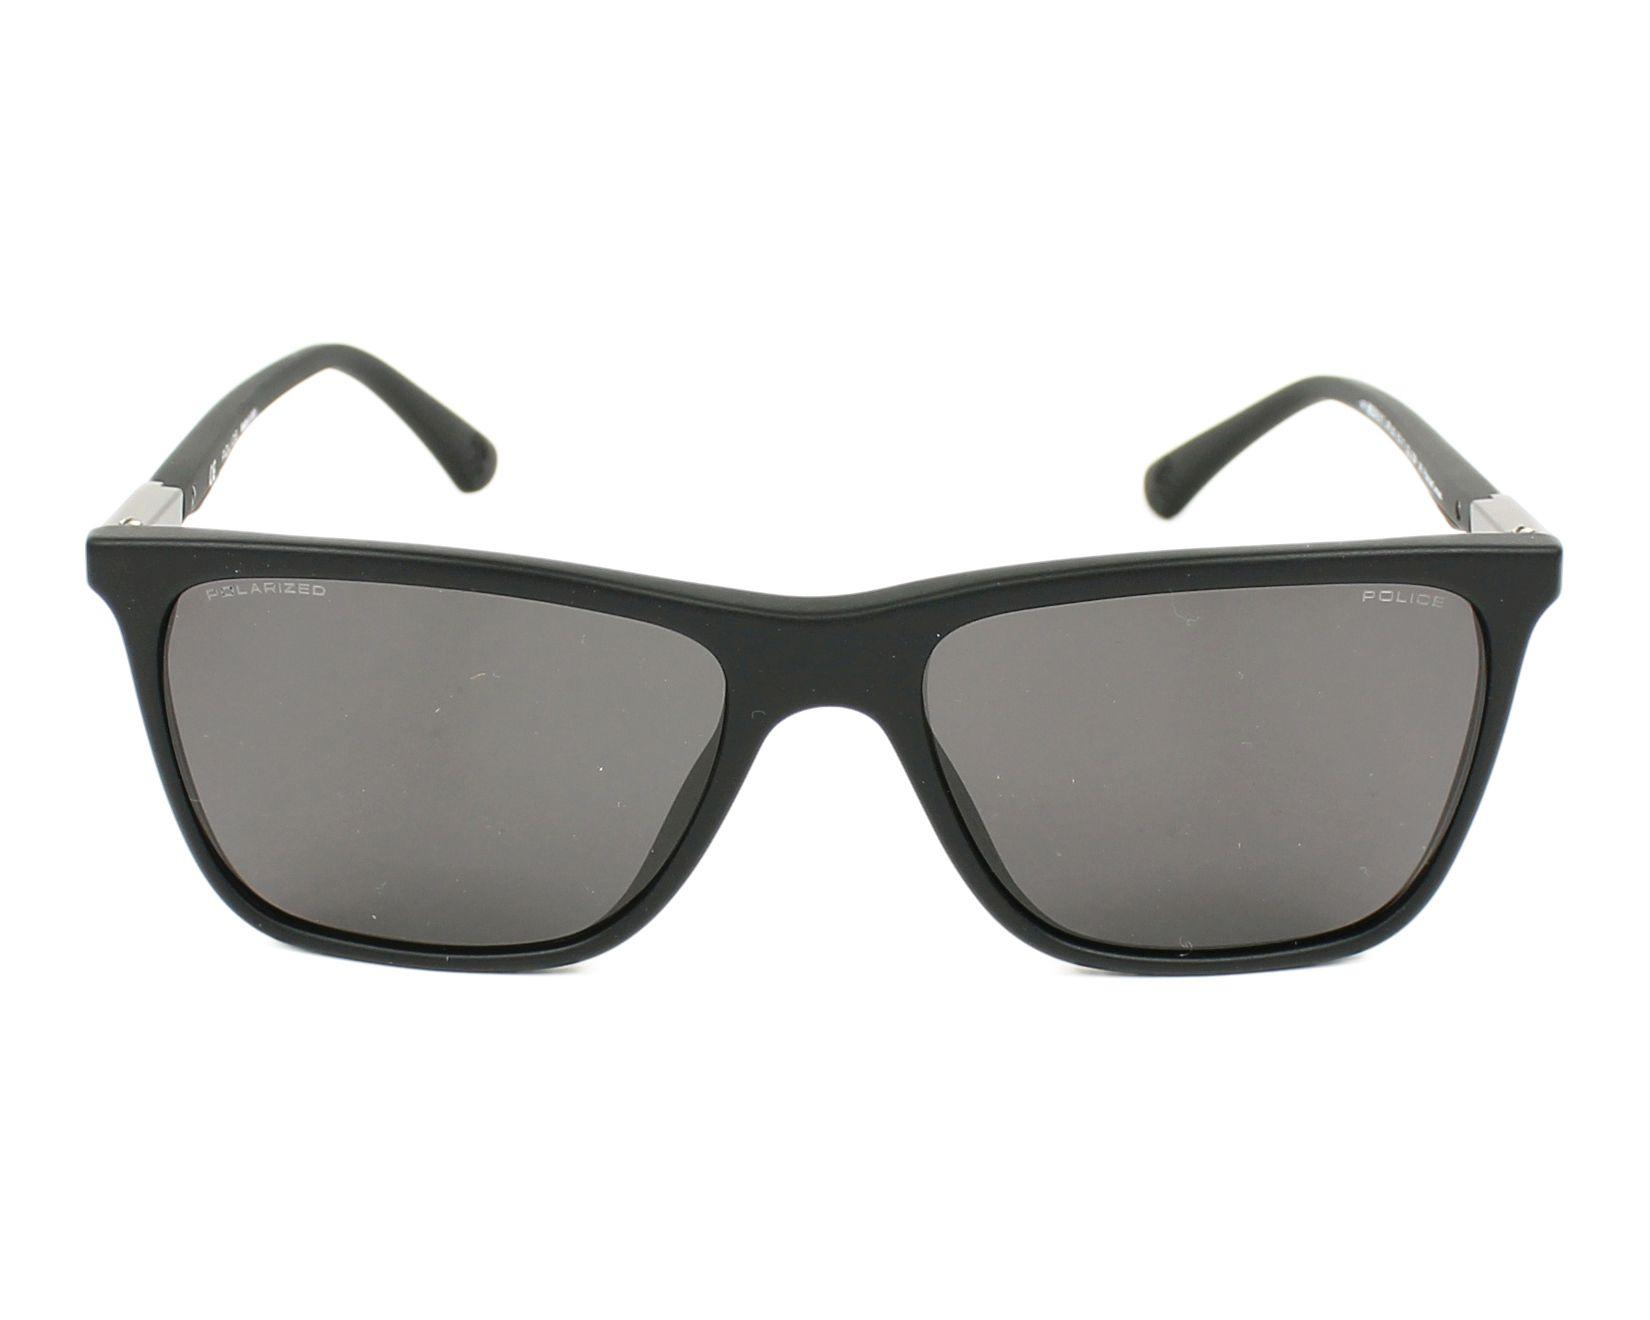 lunettes de soleil police spl 362 703p noir avec des verres gris pour hommes taille 55 pour 162. Black Bedroom Furniture Sets. Home Design Ideas